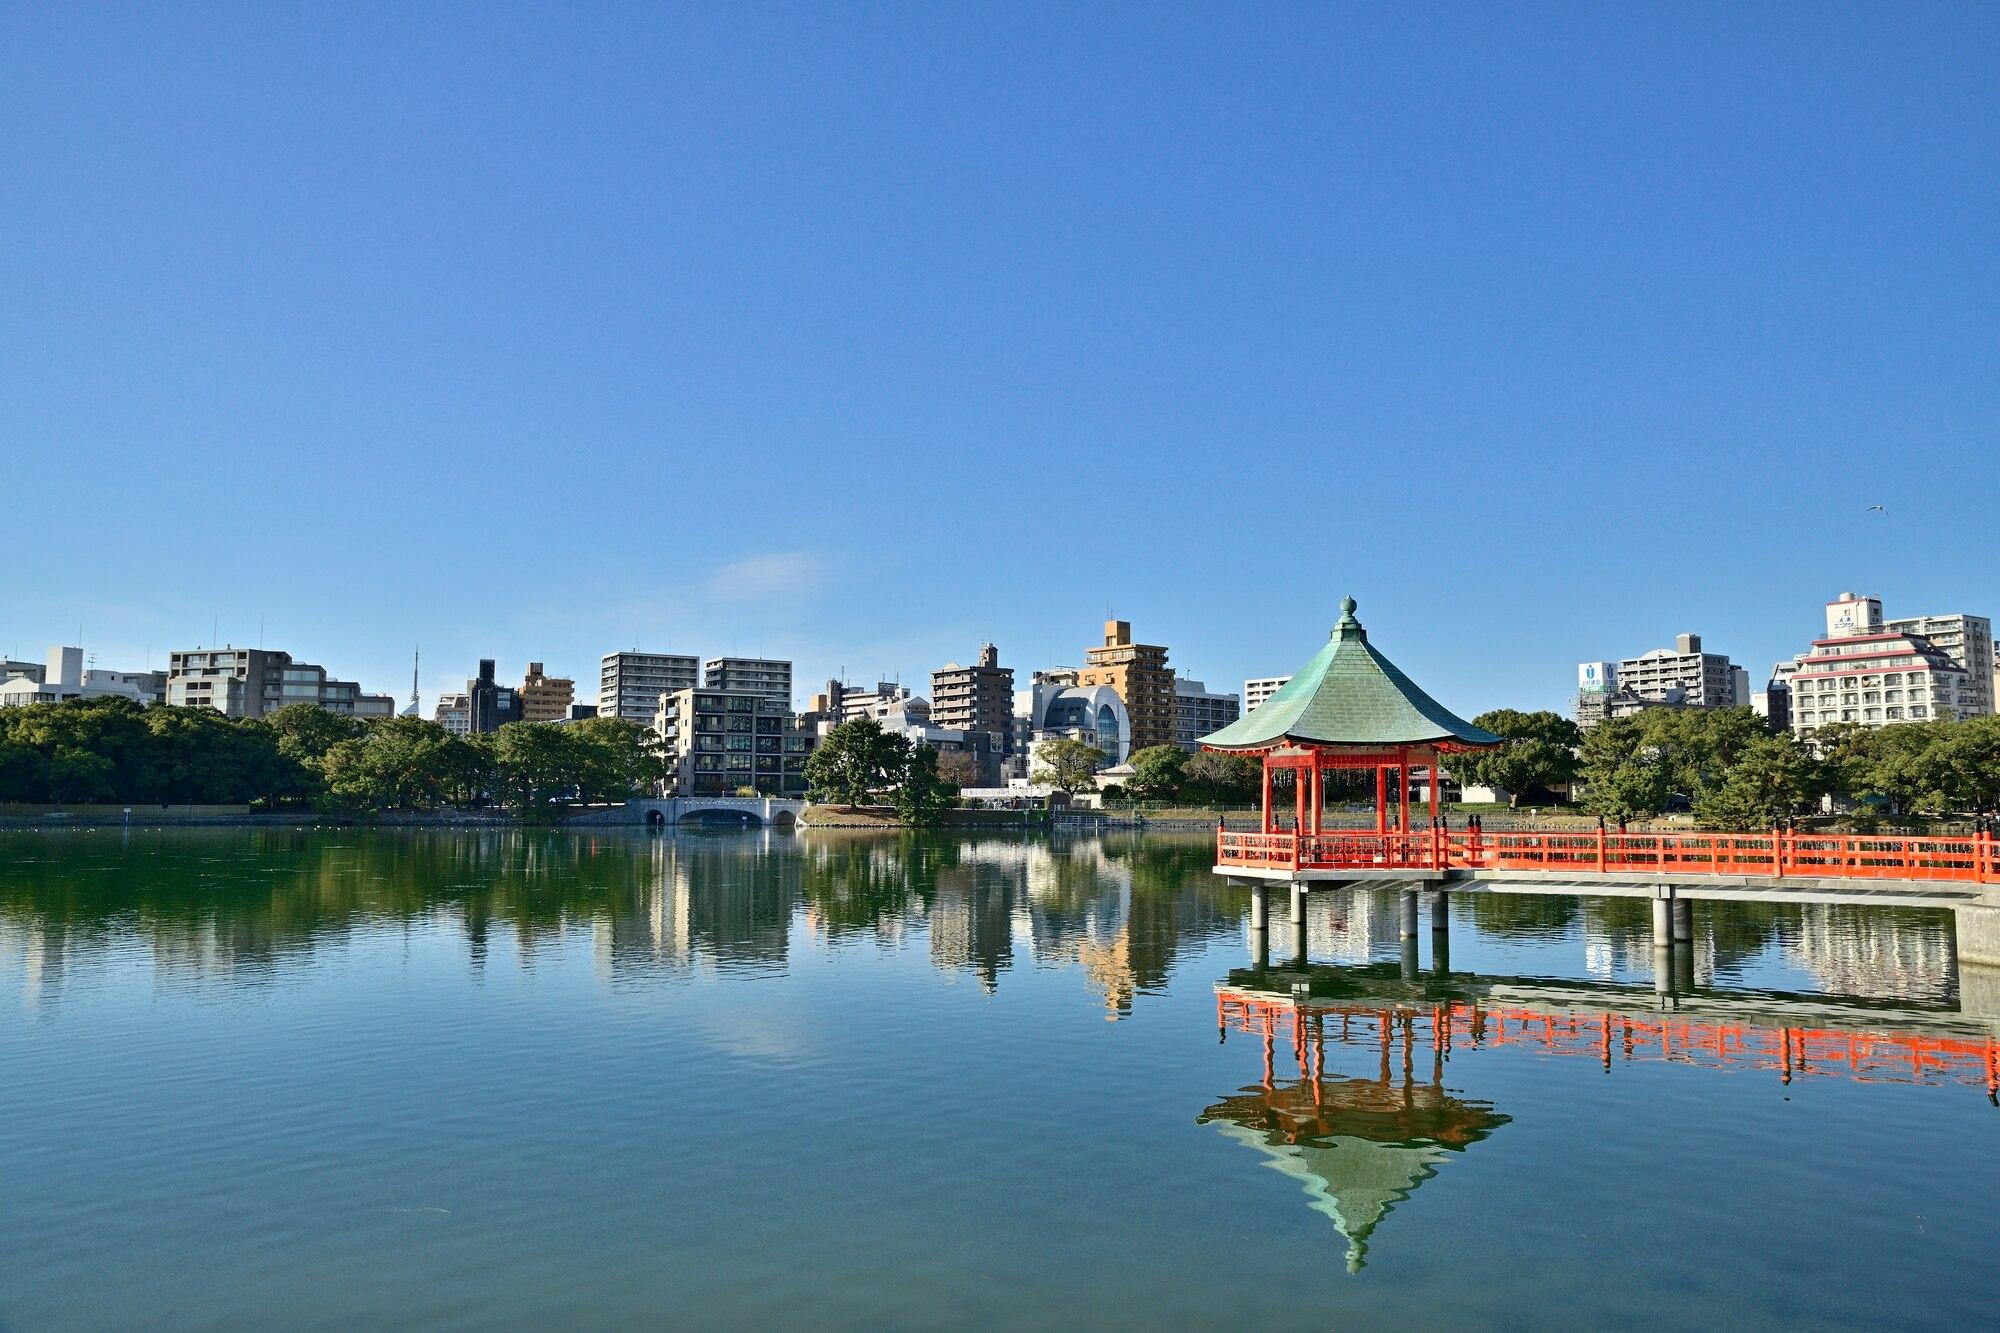 福岡屈指のオアシス!自然と水景が美しい大濠公園おすすめの楽しみ方